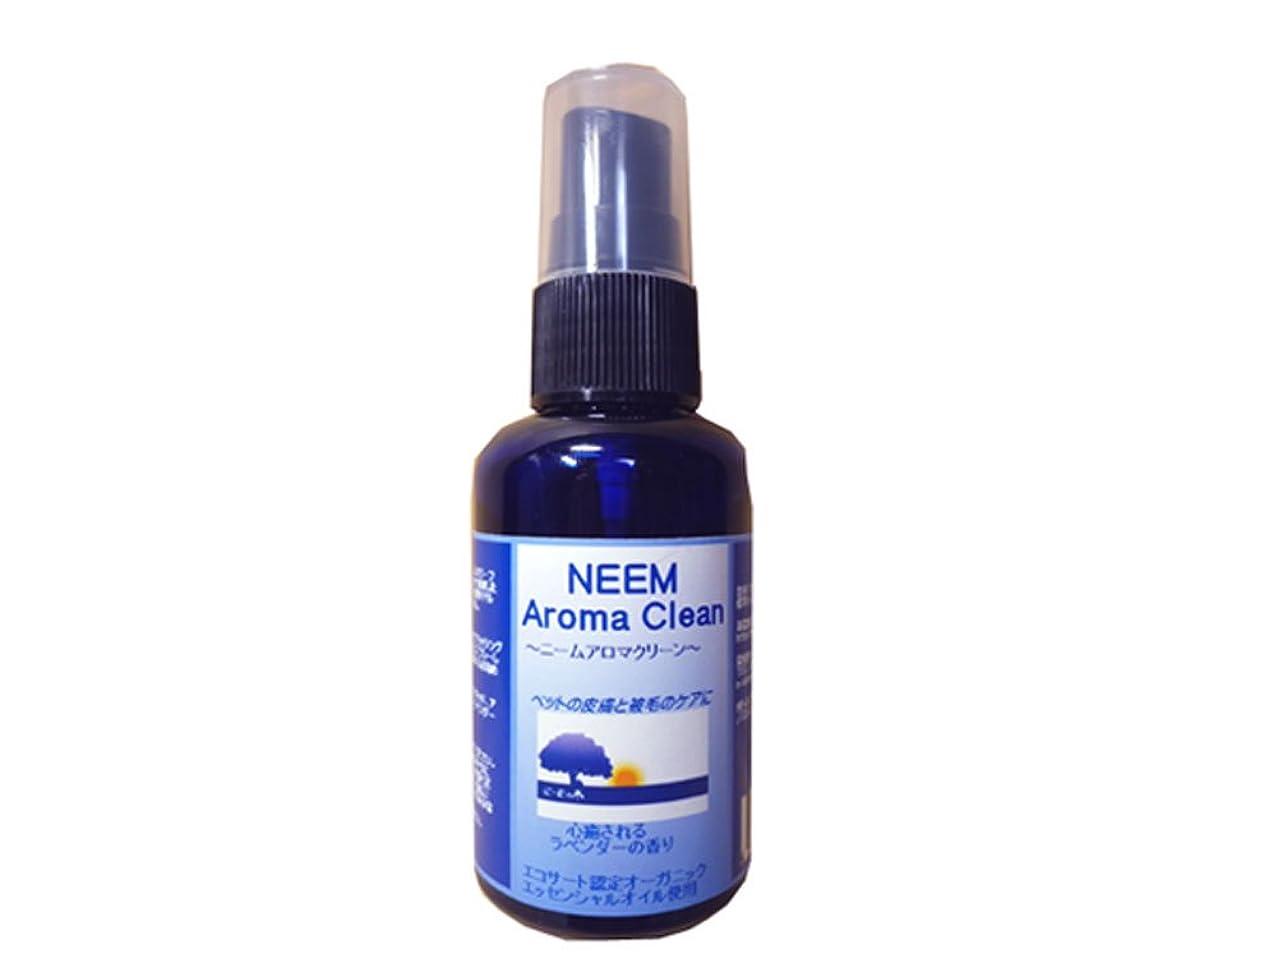 くすぐったい寝具塩辛いニームアロマクリーン(ラベンダー) NEEM Aroma Clean 50ml 【BLOOM】【(ノミ?ダニ)駆除用としてもお使いいただけます。】